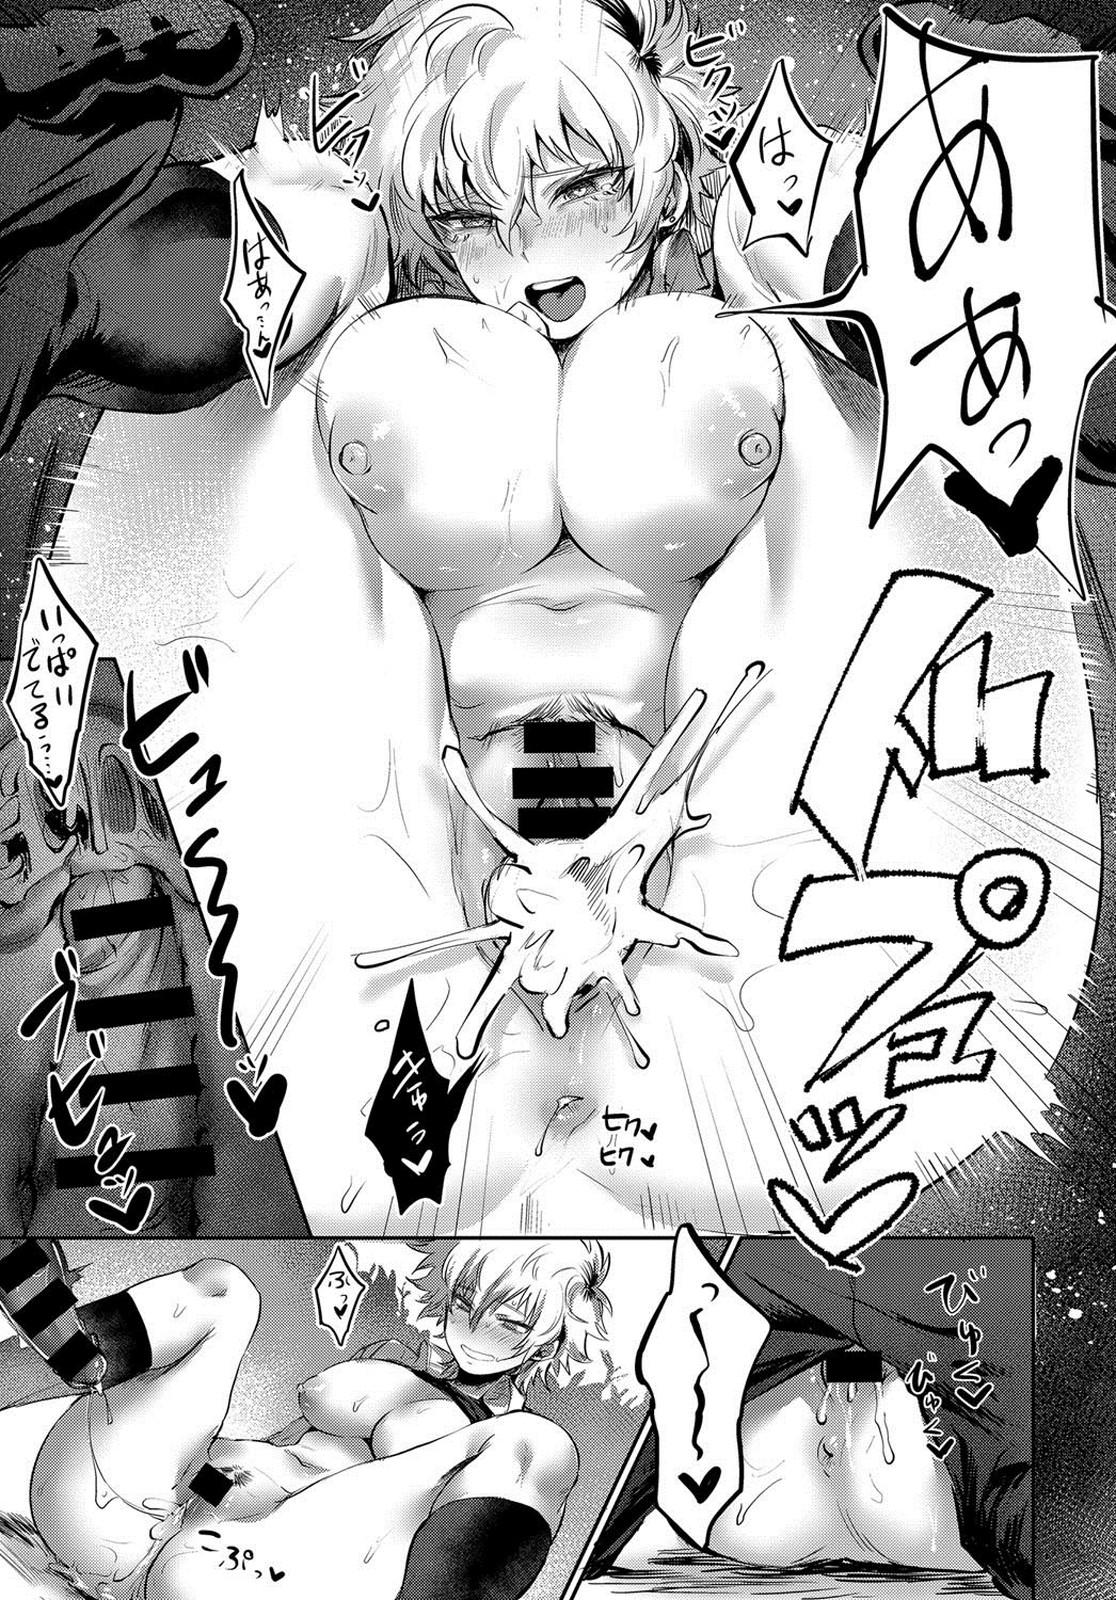 【エロ漫画】ヤンキーたちの肉便器にされている男装娘…旧校舎に呼び出され輪姦されているところを片想い相手に見られてしまうwww【鳥喰ささみ:素直になれないBAD GIRL】